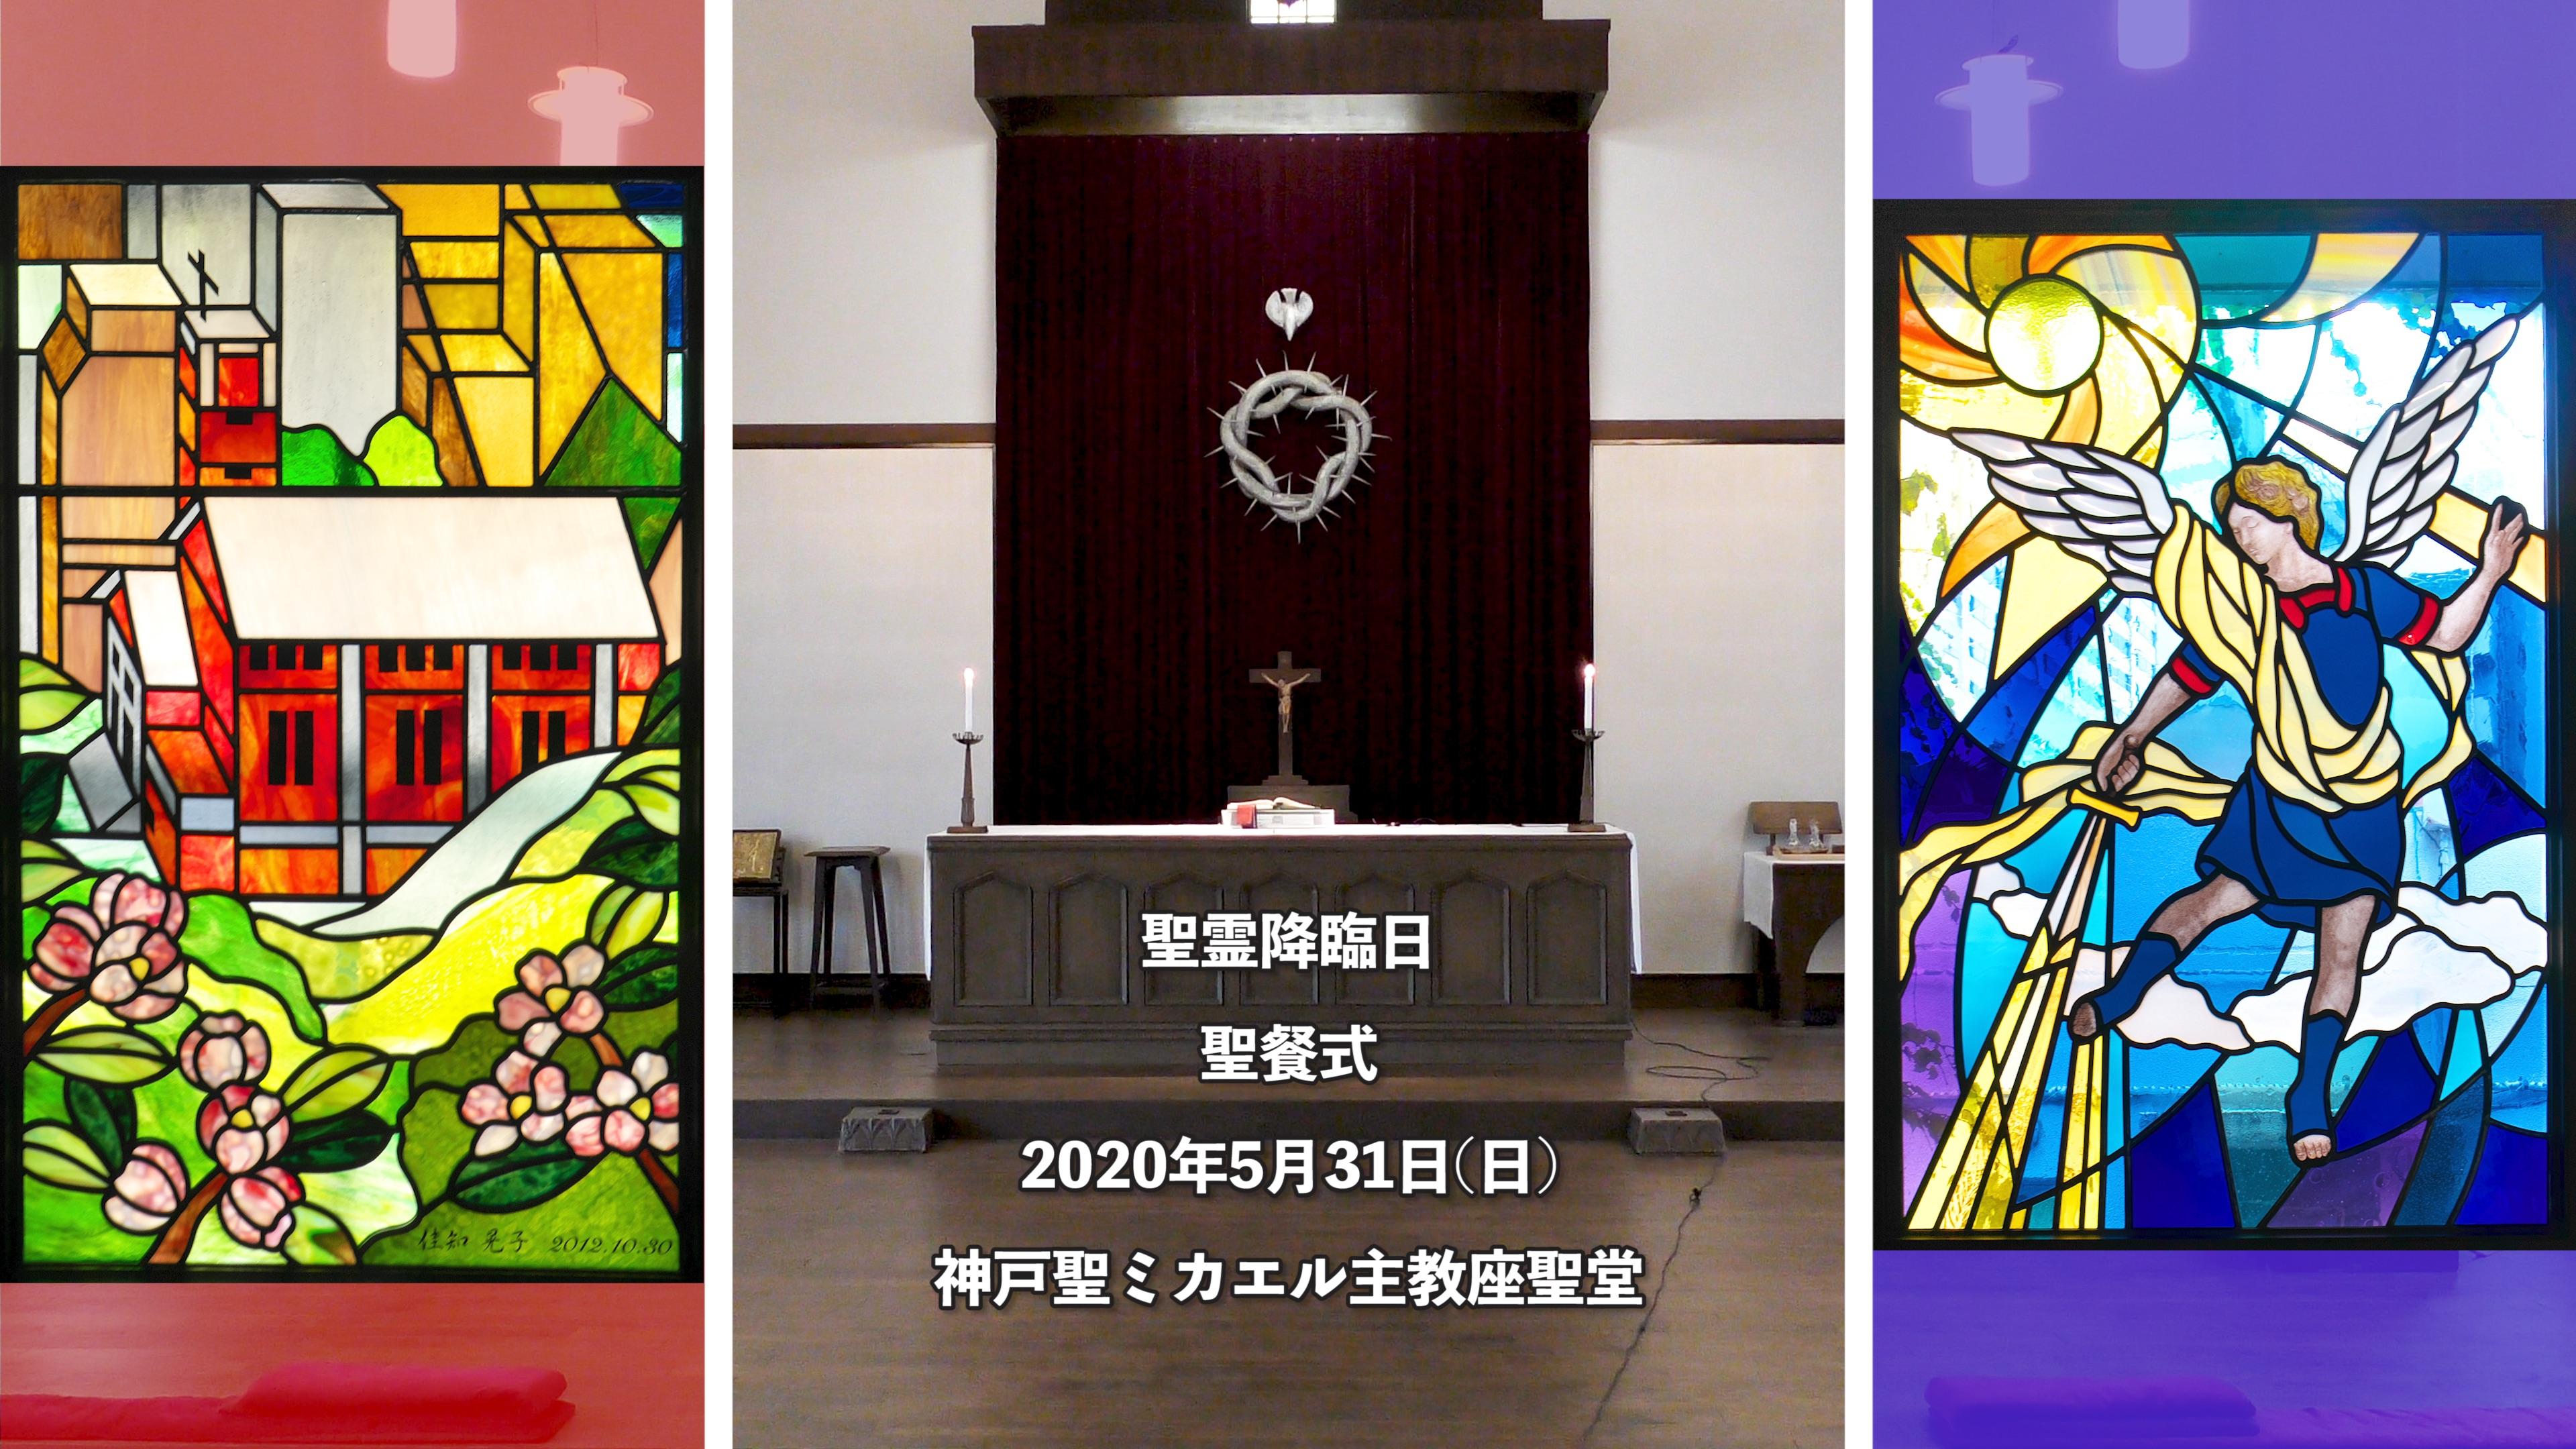 聖霊降臨日 聖餐式 2020年5月31日 「神戸聖ミカエル主教座聖堂」